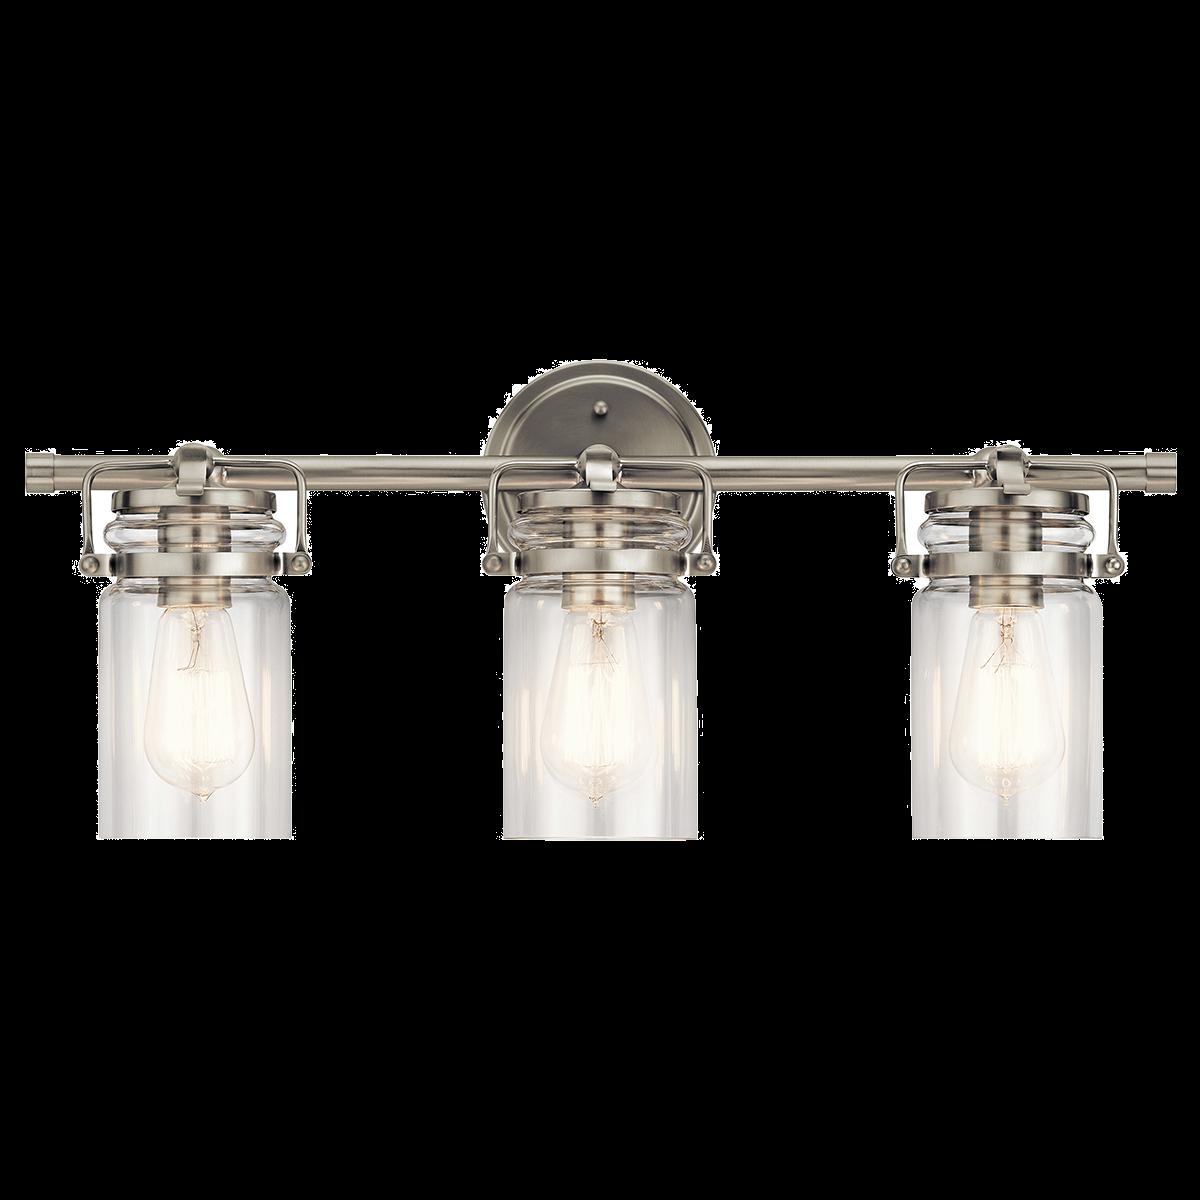 Kichler brinley 3 light bathroom vanity light in brushed nickel